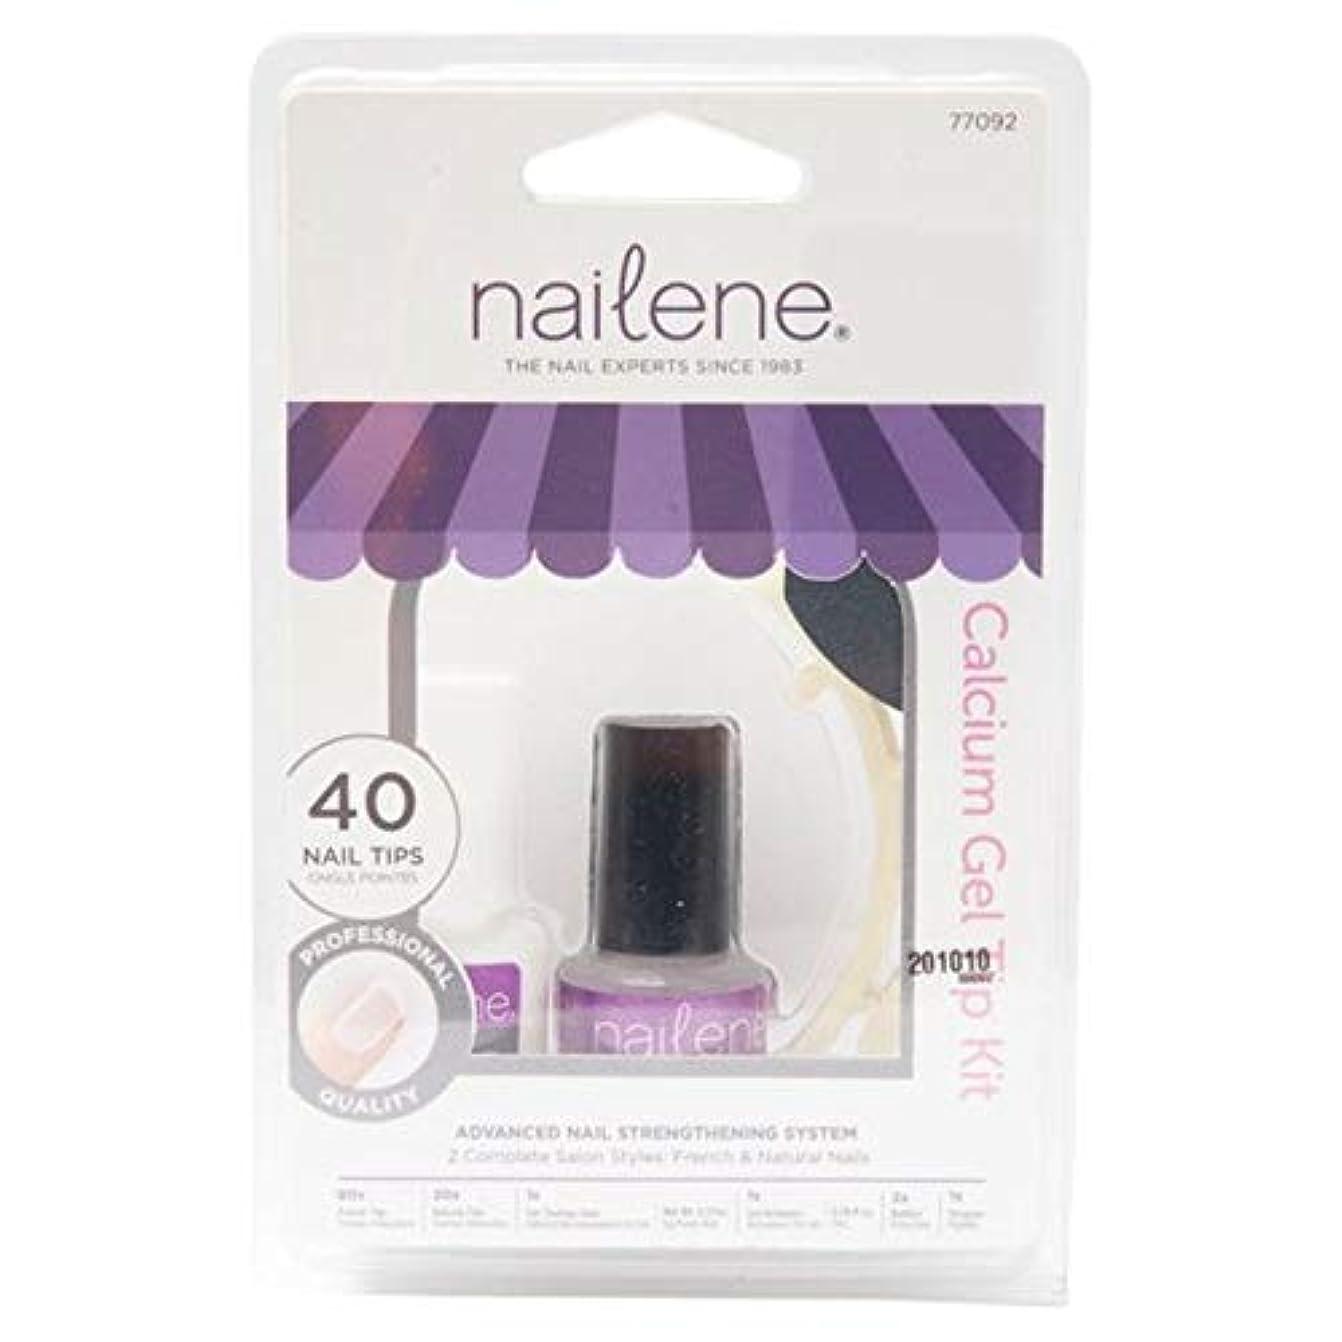 ラフ睡眠フィドル輝く[Nailene] Naileneカルシウムゲルキット77092 - Nailene Calcium Gel Kit 77092 [並行輸入品]